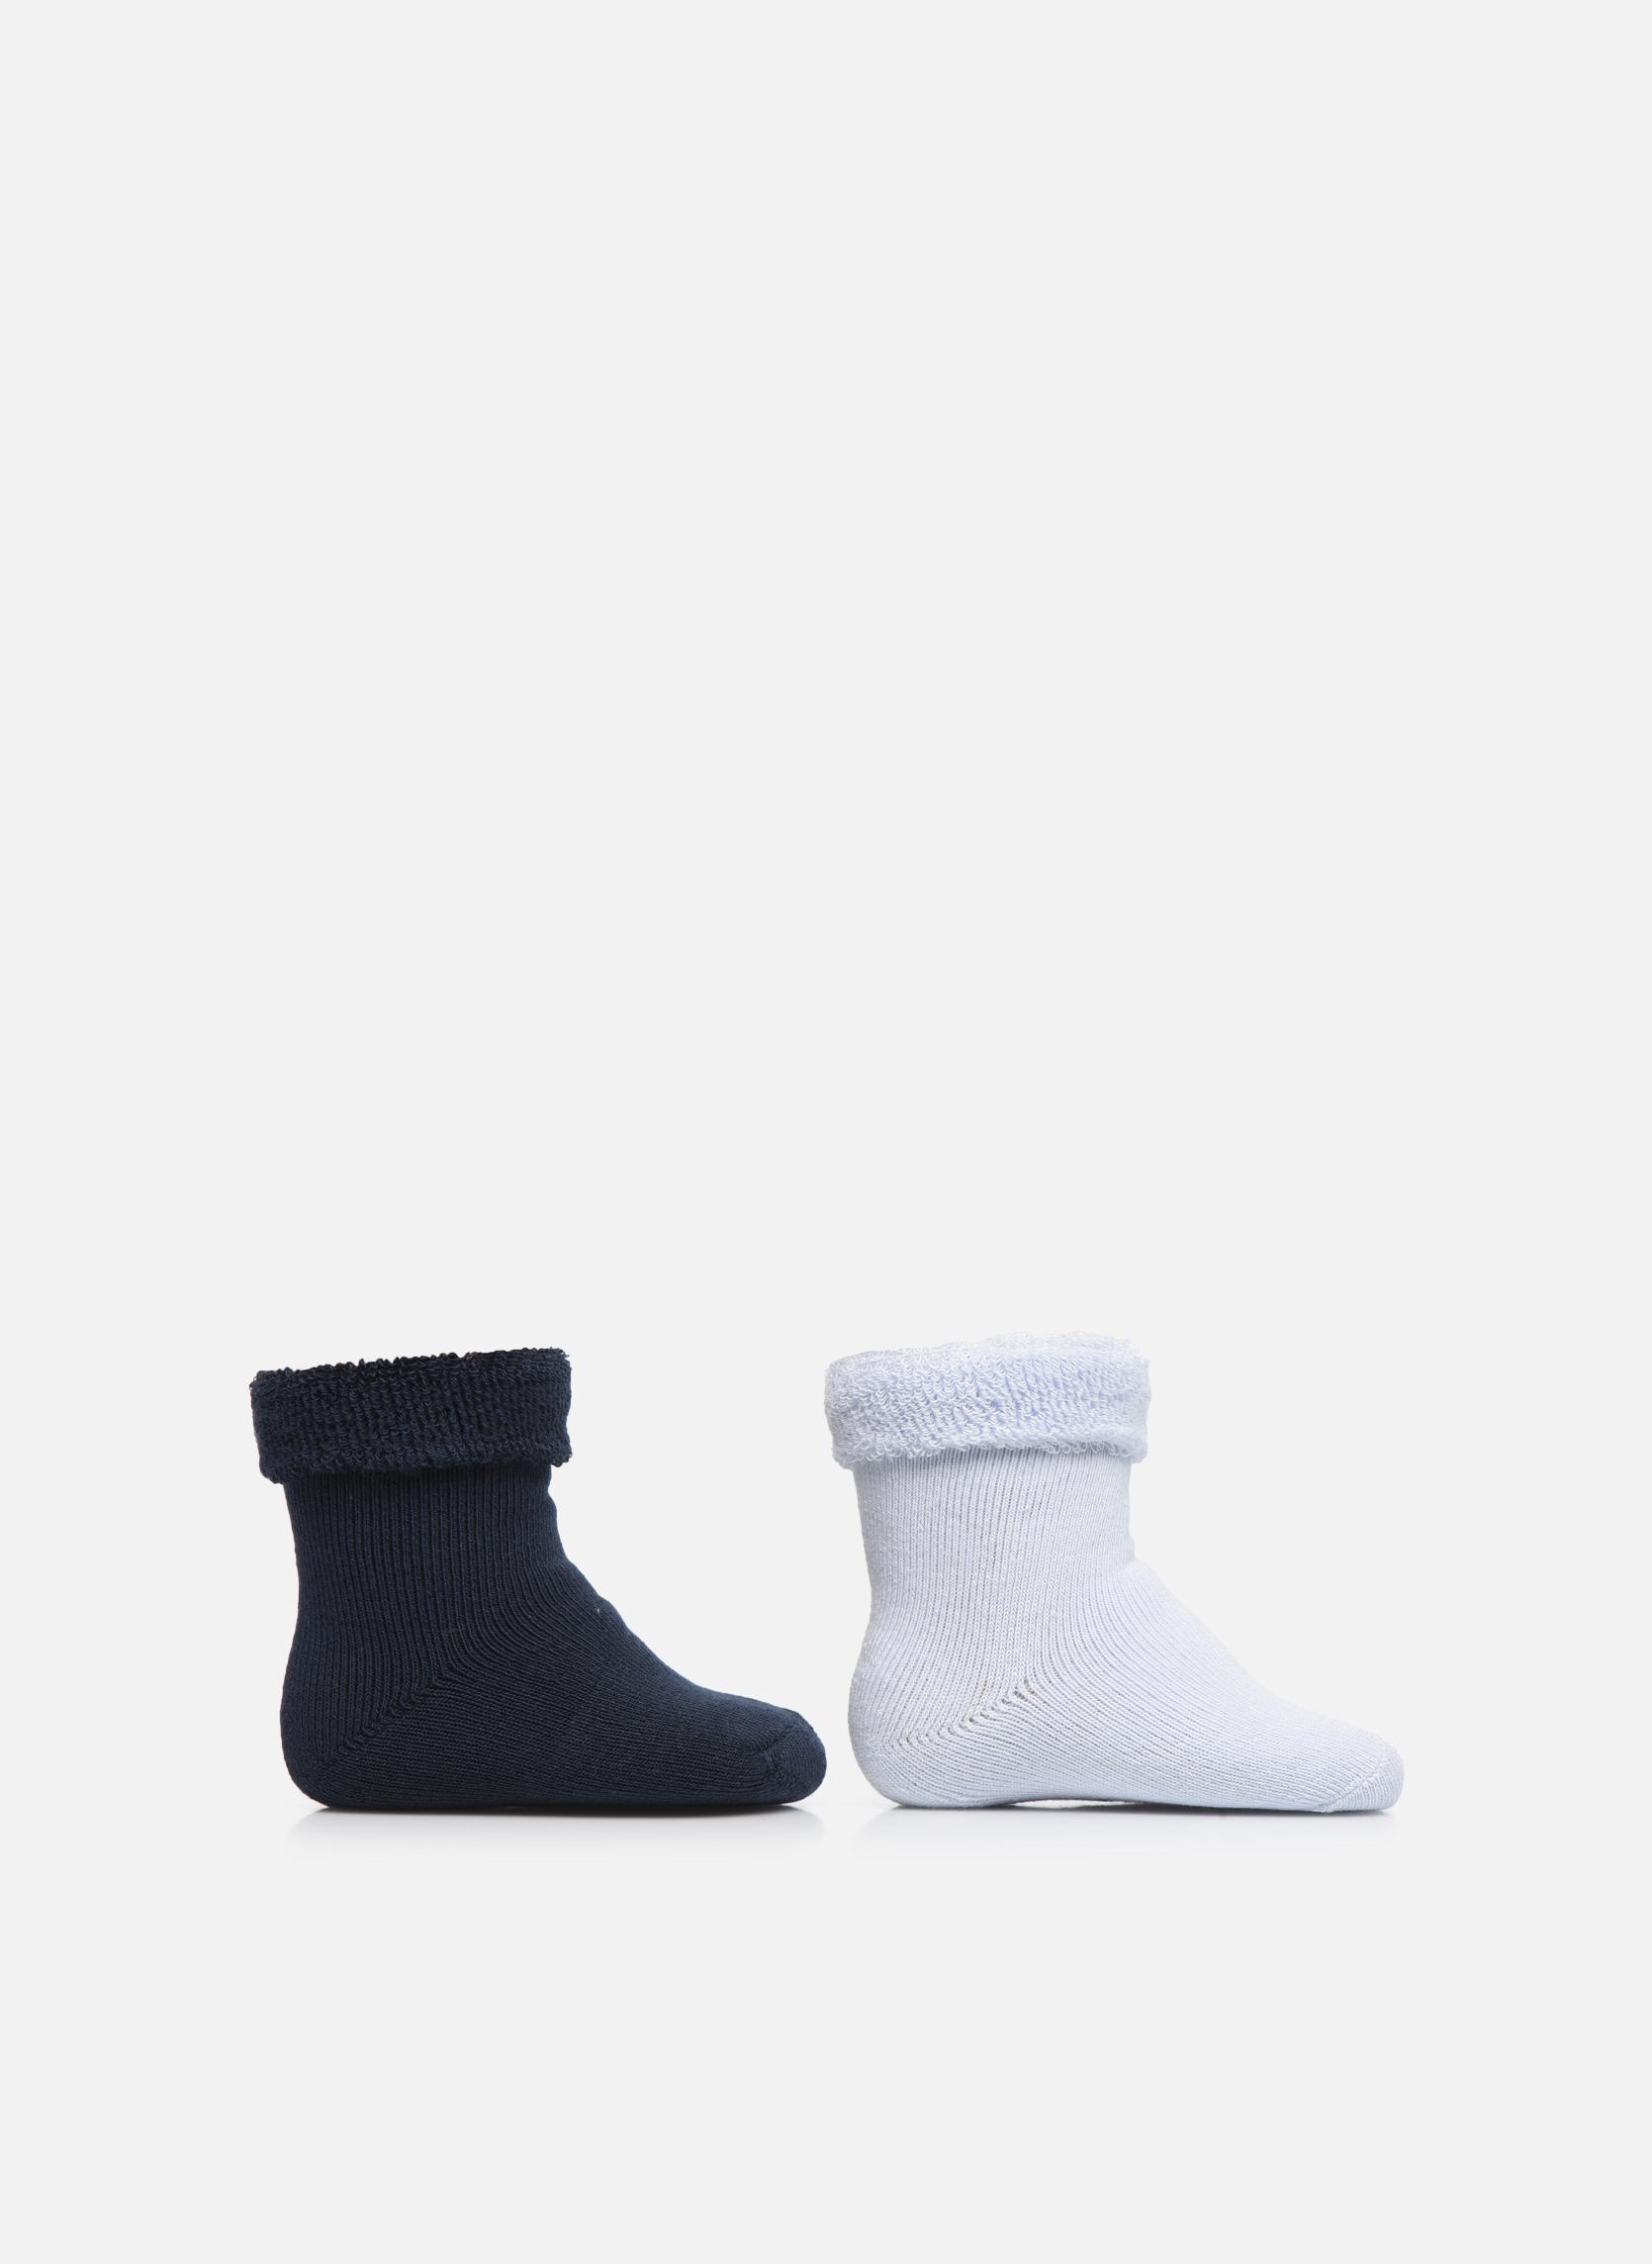 Chaussettes Baby Pack de 2 ciel/marine